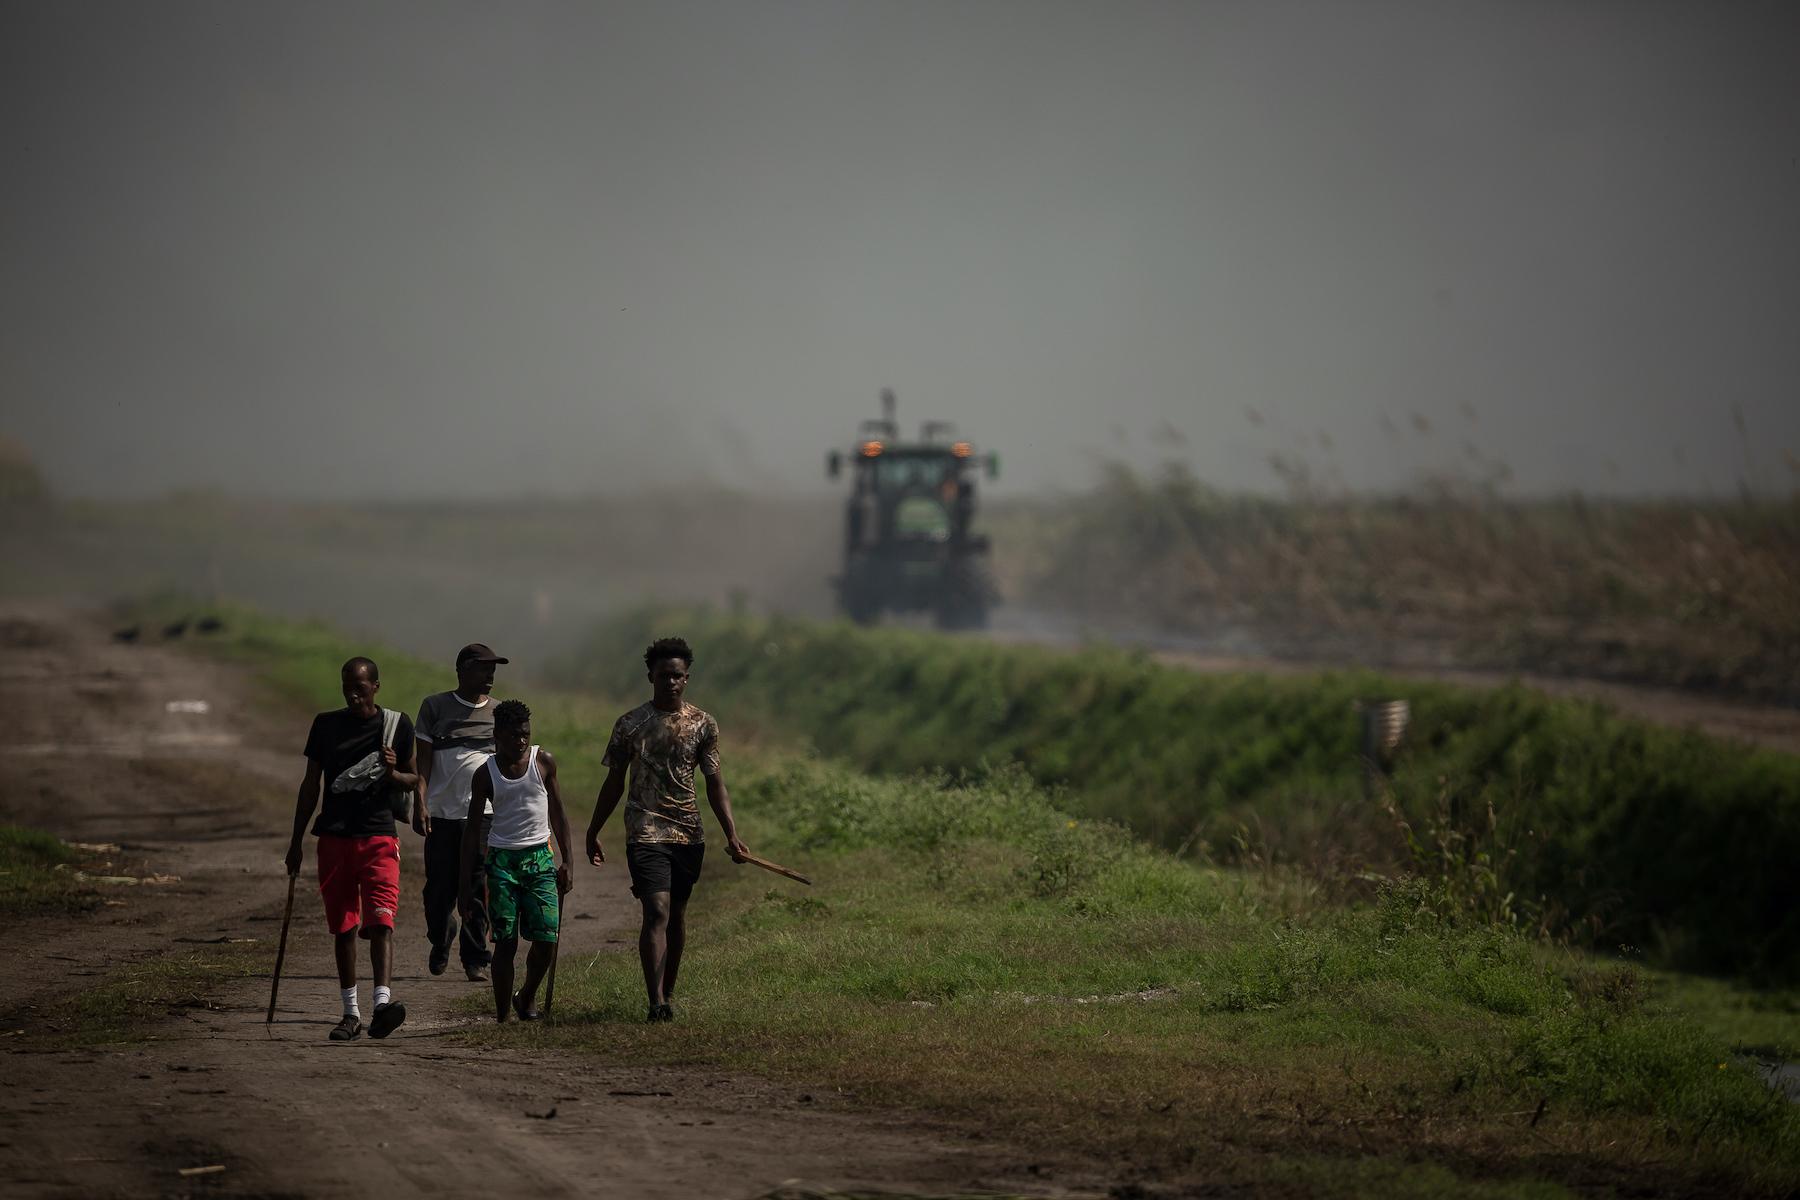 若い男性は、燃えている杖畑の近くを歩き、追いかけるウサギを探します。 グレイズの一部の家族にとって、ウサギの肉を売ることが彼らの唯一の収入源です。 トーマスコーディ/パームビーチポスト